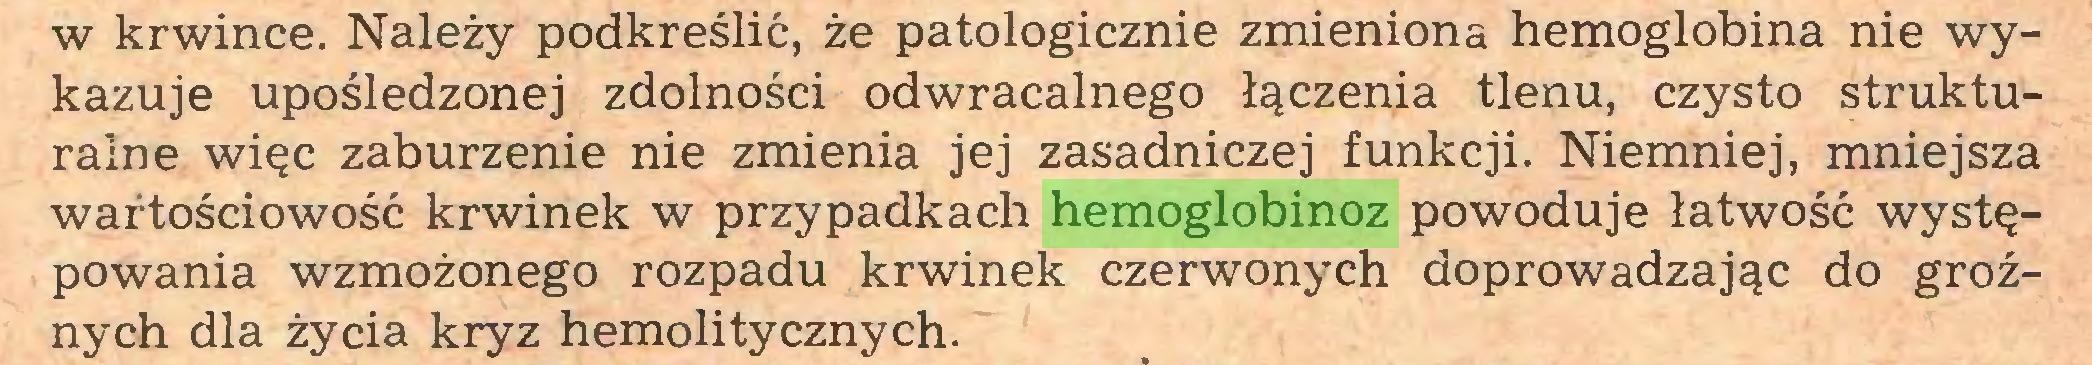 (...) w krwince. Należy podkreślić, że patologicznie zmieniona hemoglobina nie wykazuje upośledzonej zdolności odwracalnego łączenia tlenu, czysto strukturalne więc zaburzenie nie zmienia jej zasadniczej funkcji. Niemniej, mniejsza wartościowość krwinek w przypadkach hemoglobinoz powoduje łatwość występowania wzmożonego rozpadu krwinek czerwonych doprowadzając do groźnych dla życia kryz hemolitycznych...